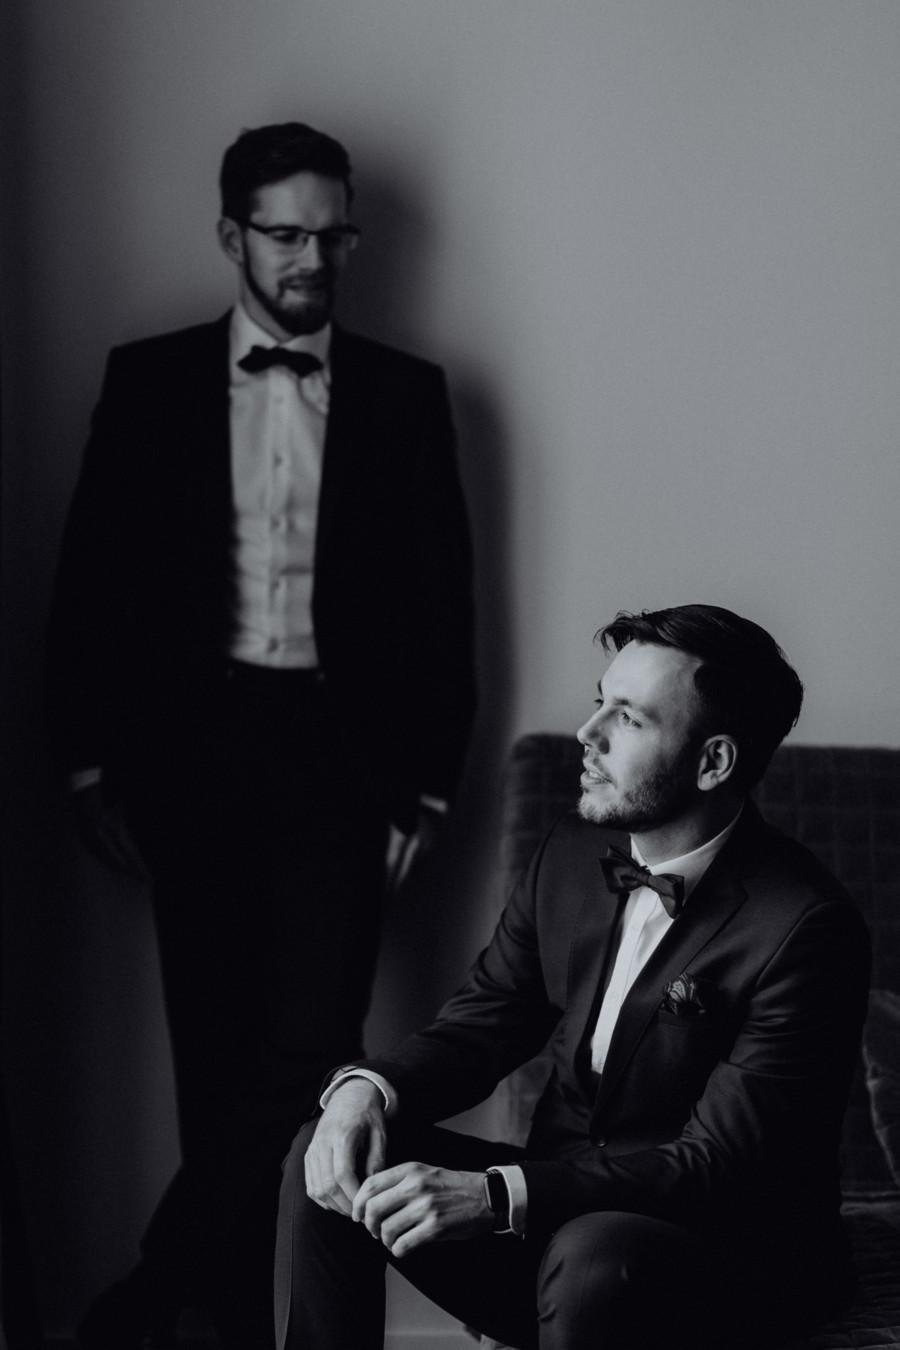 Homosexuelle Bräutigame Hochzeitsfoto: kurz vor Trauung schwule Ehe Männer Hochzeit; Idee ein